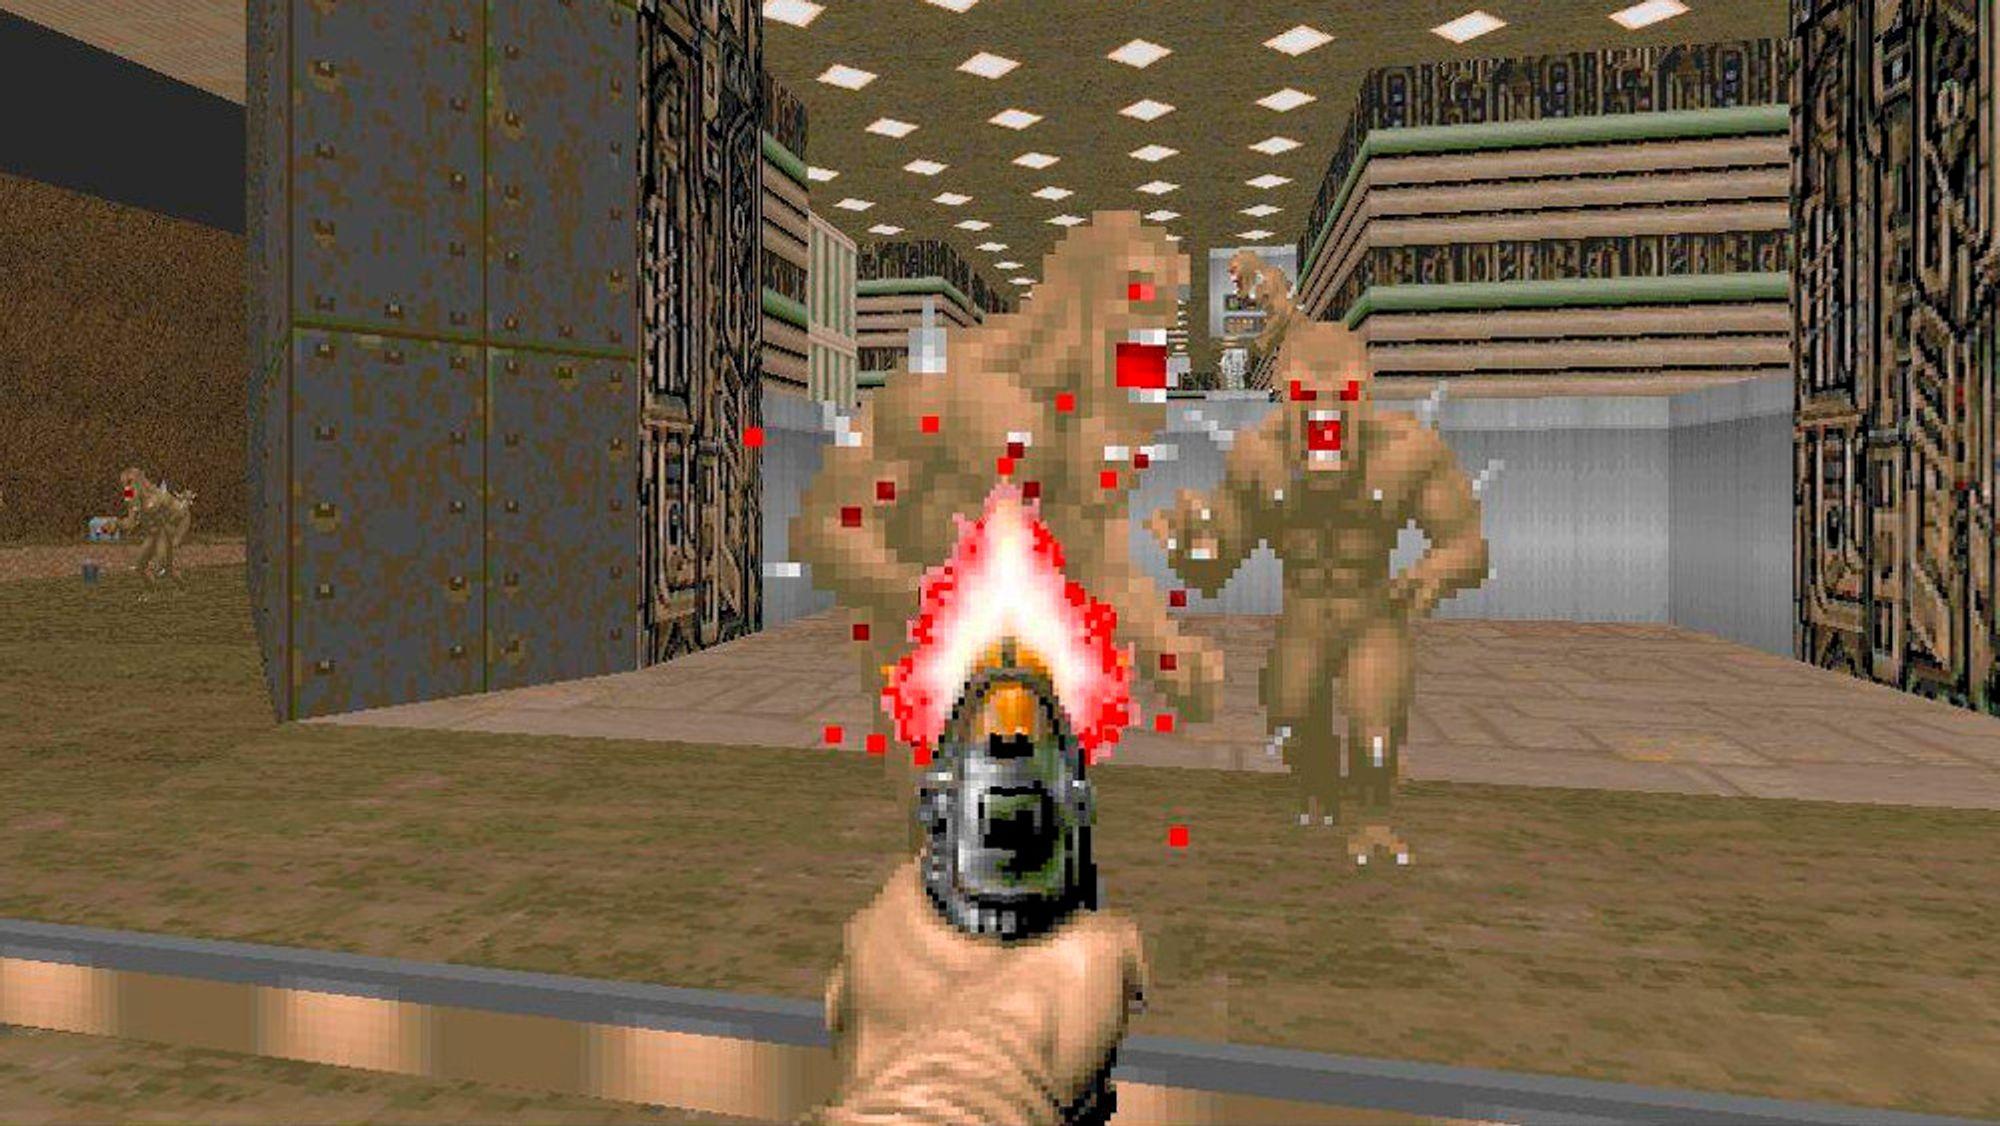 FEATURE: Derfor elsker mediene å frykte voldelige dataspill